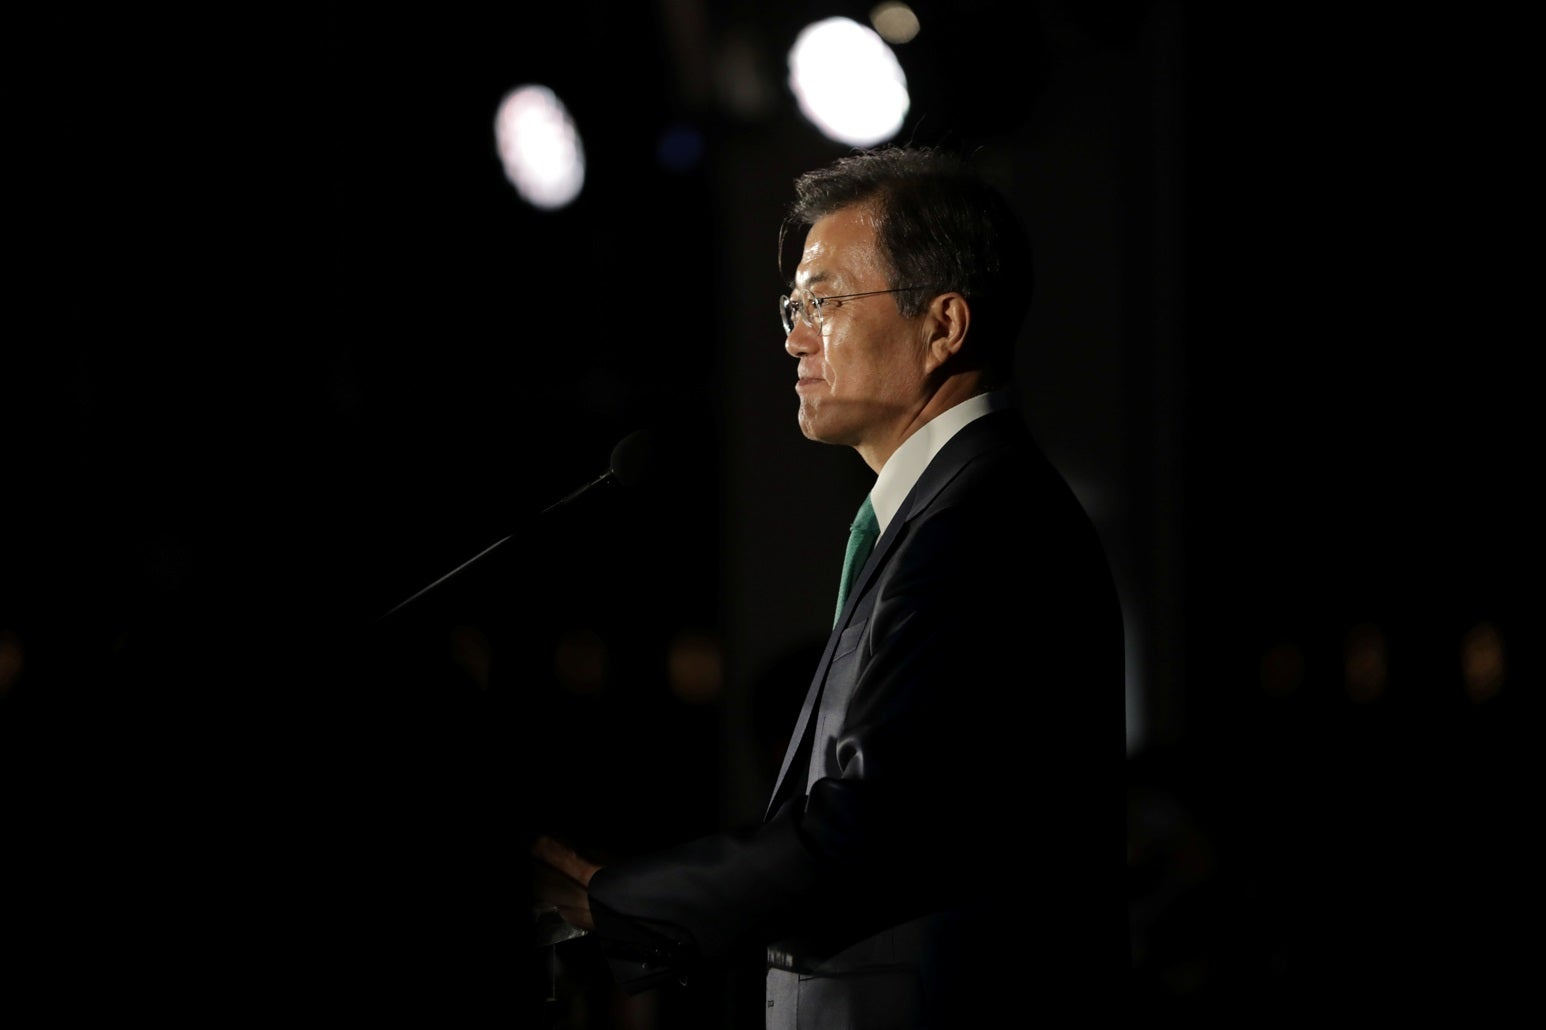 Coreia ameaça EUA como foguetes dizendo ser inevitável um ataque